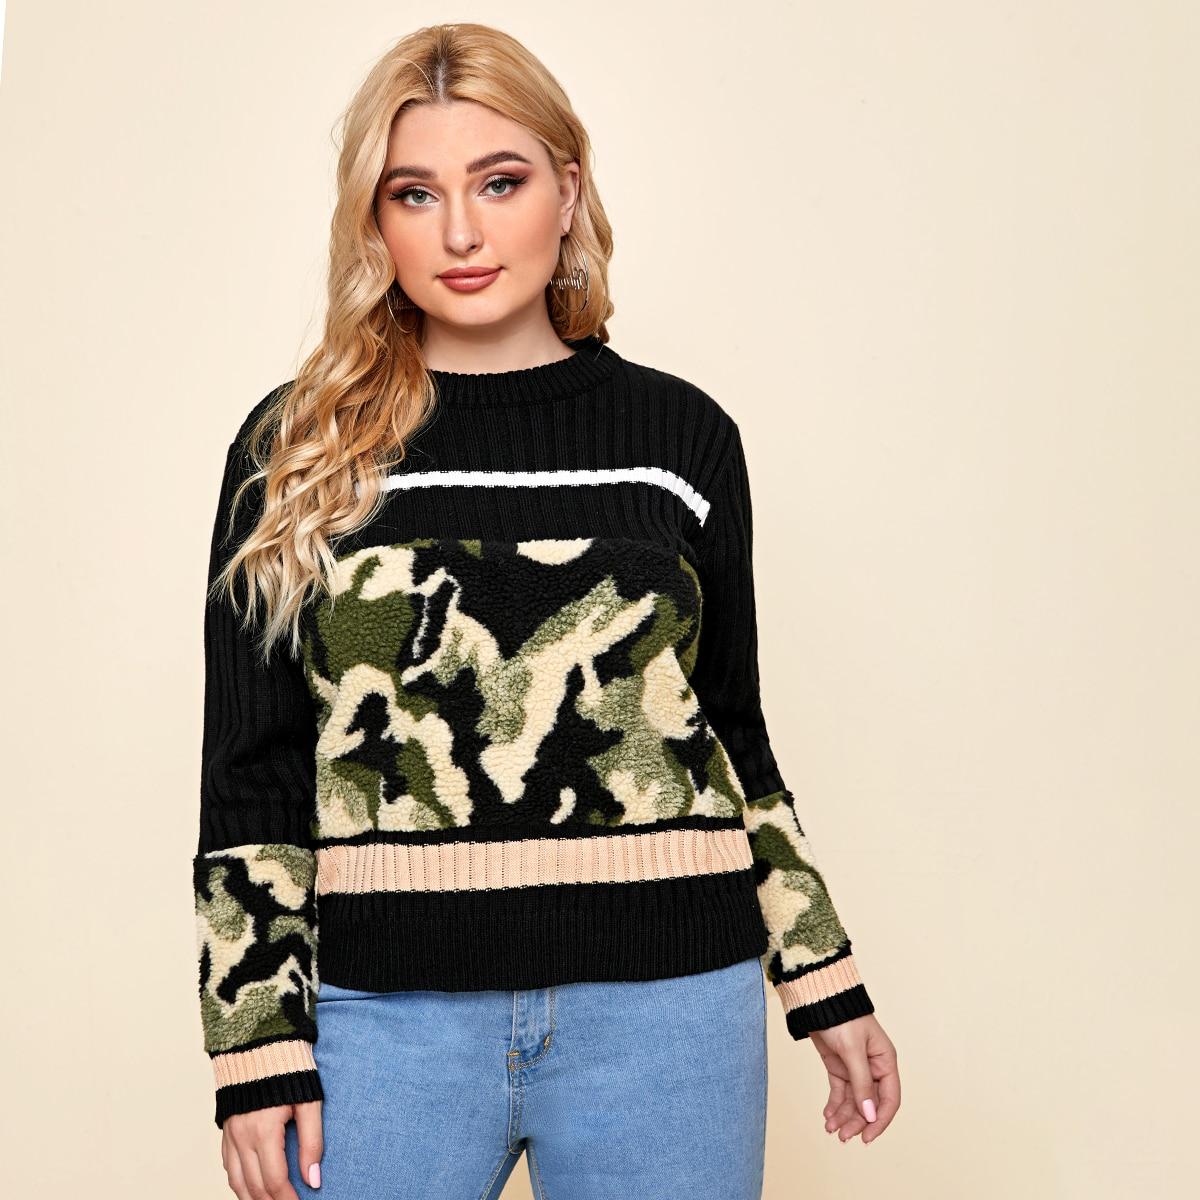 Трикотажный свитер размера плюс с камуфляжным рисунком